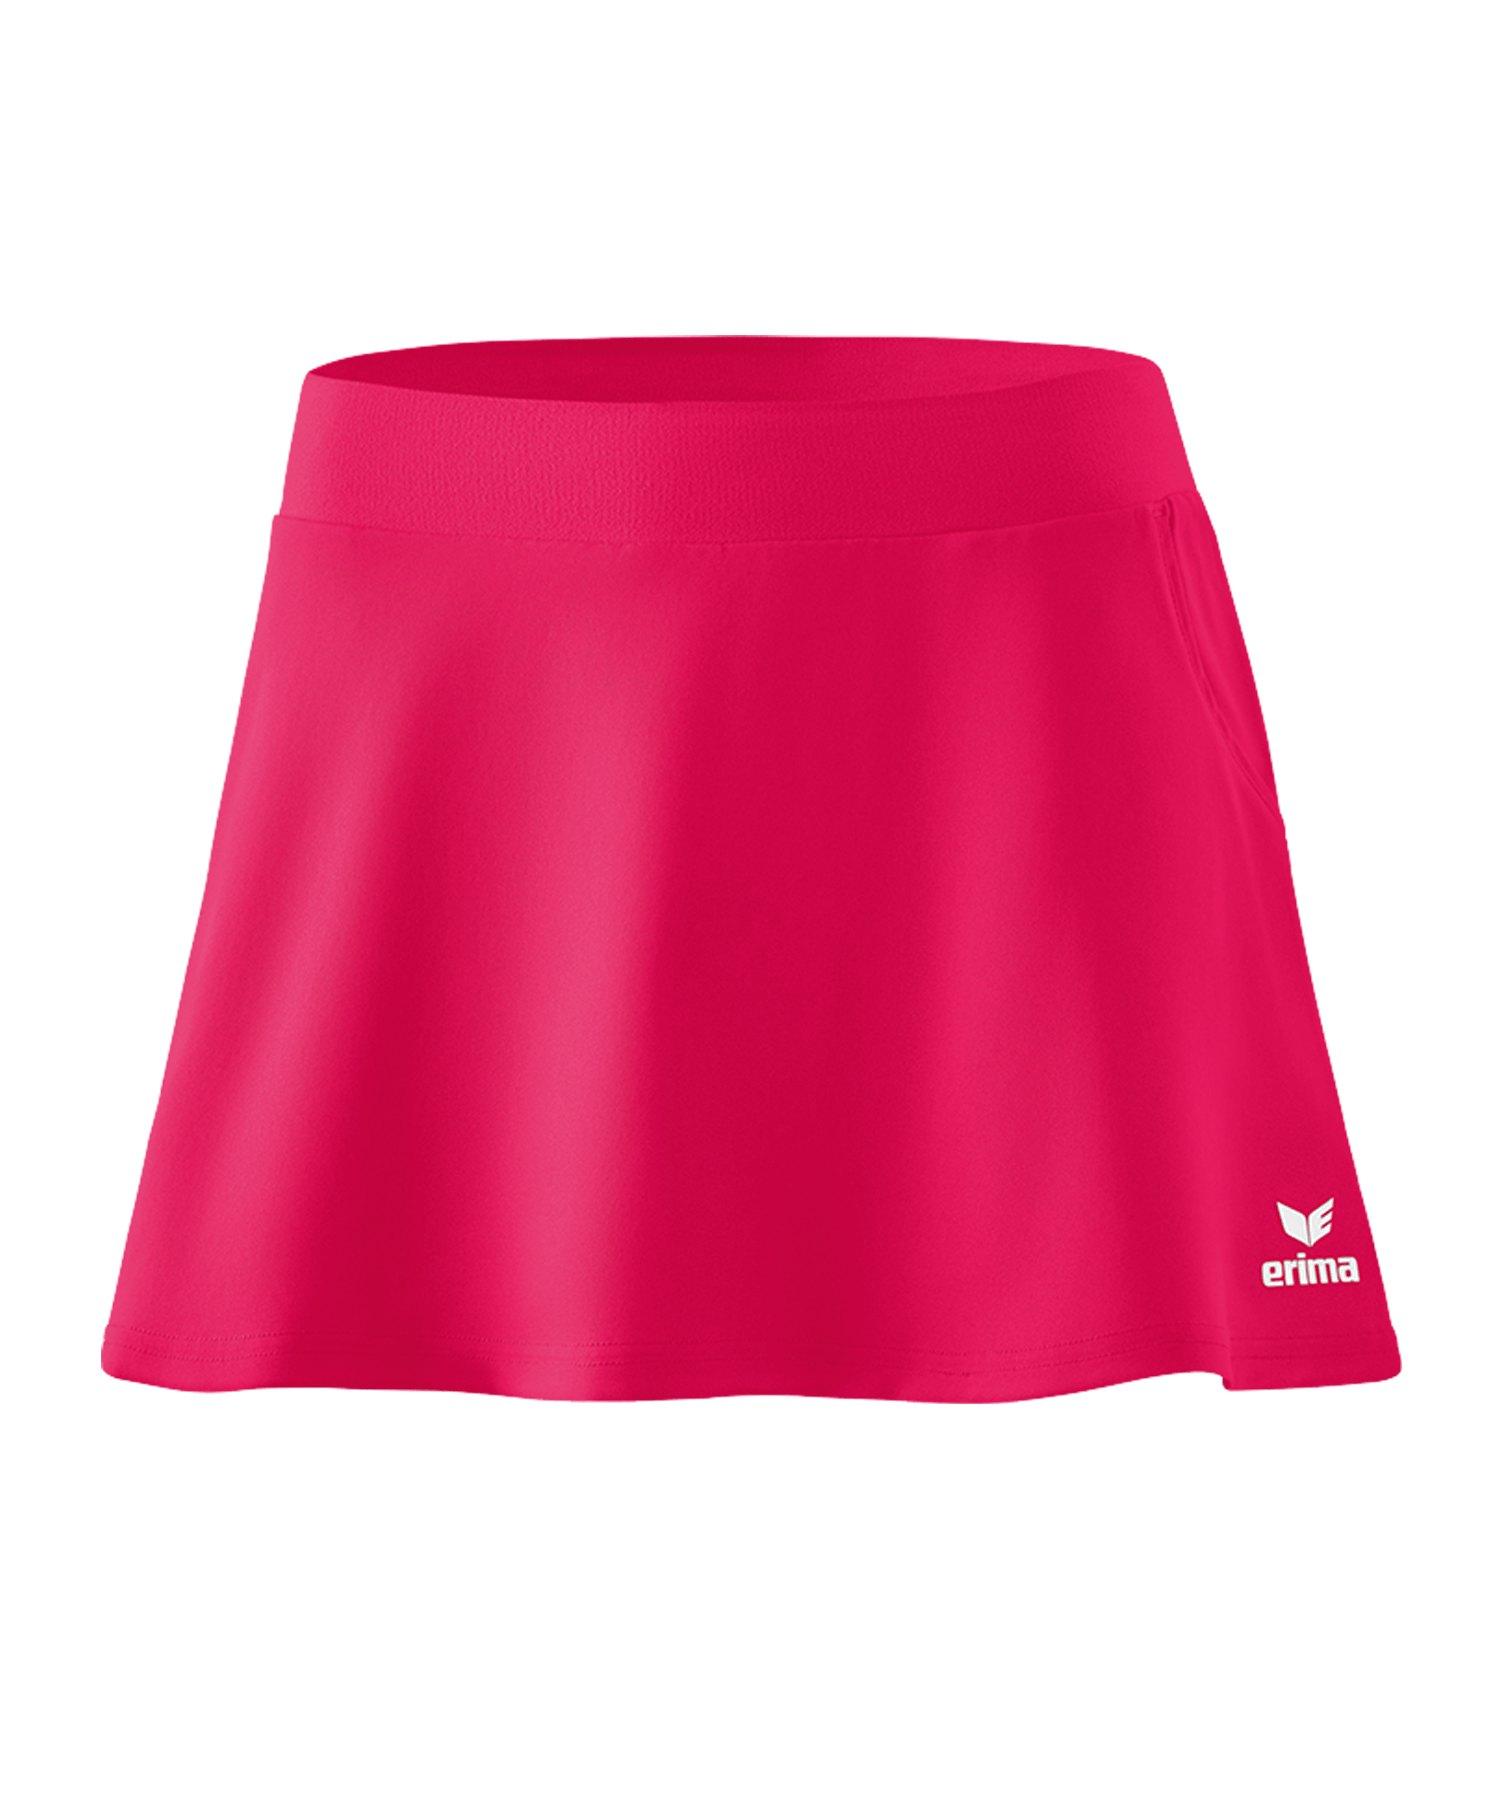 Erima Erima Tennisrock Damen Rosa - rosa